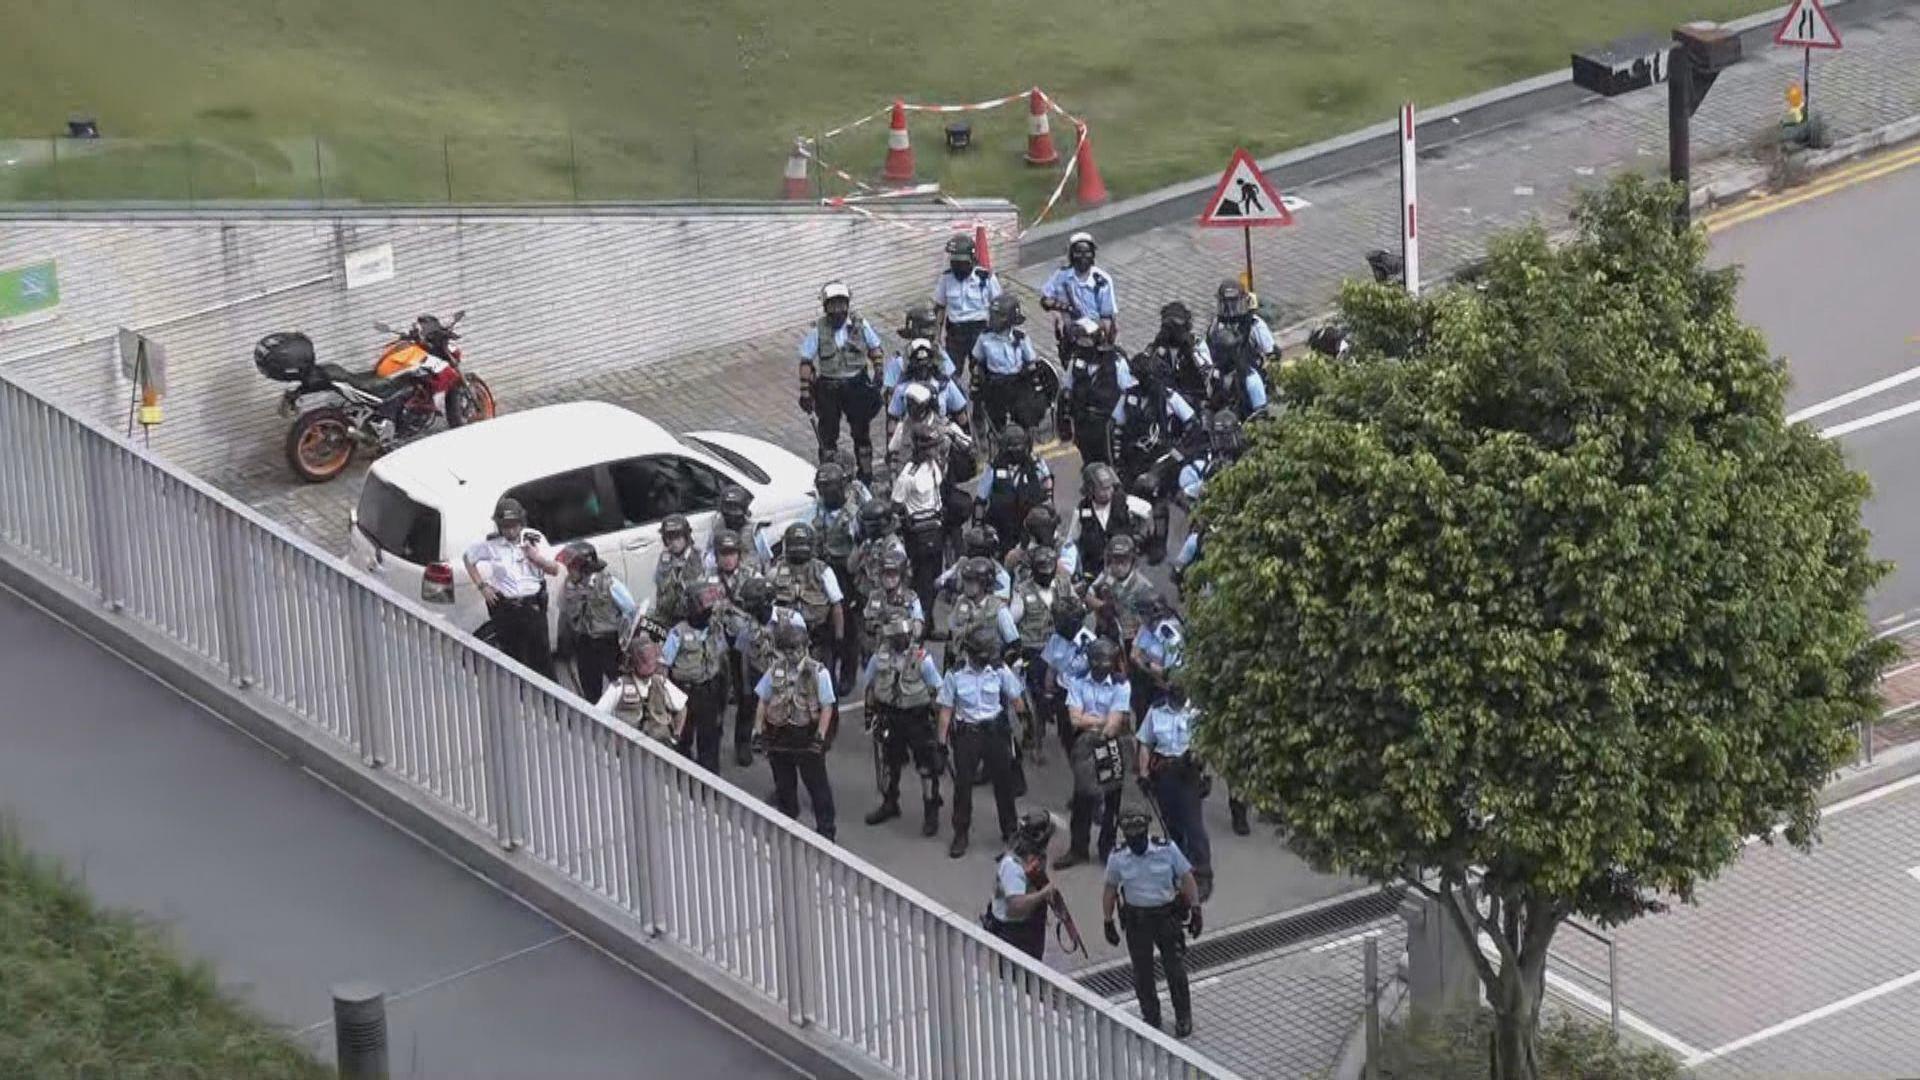 知專遭學生破壞 防暴警一度持長槍校外戒備